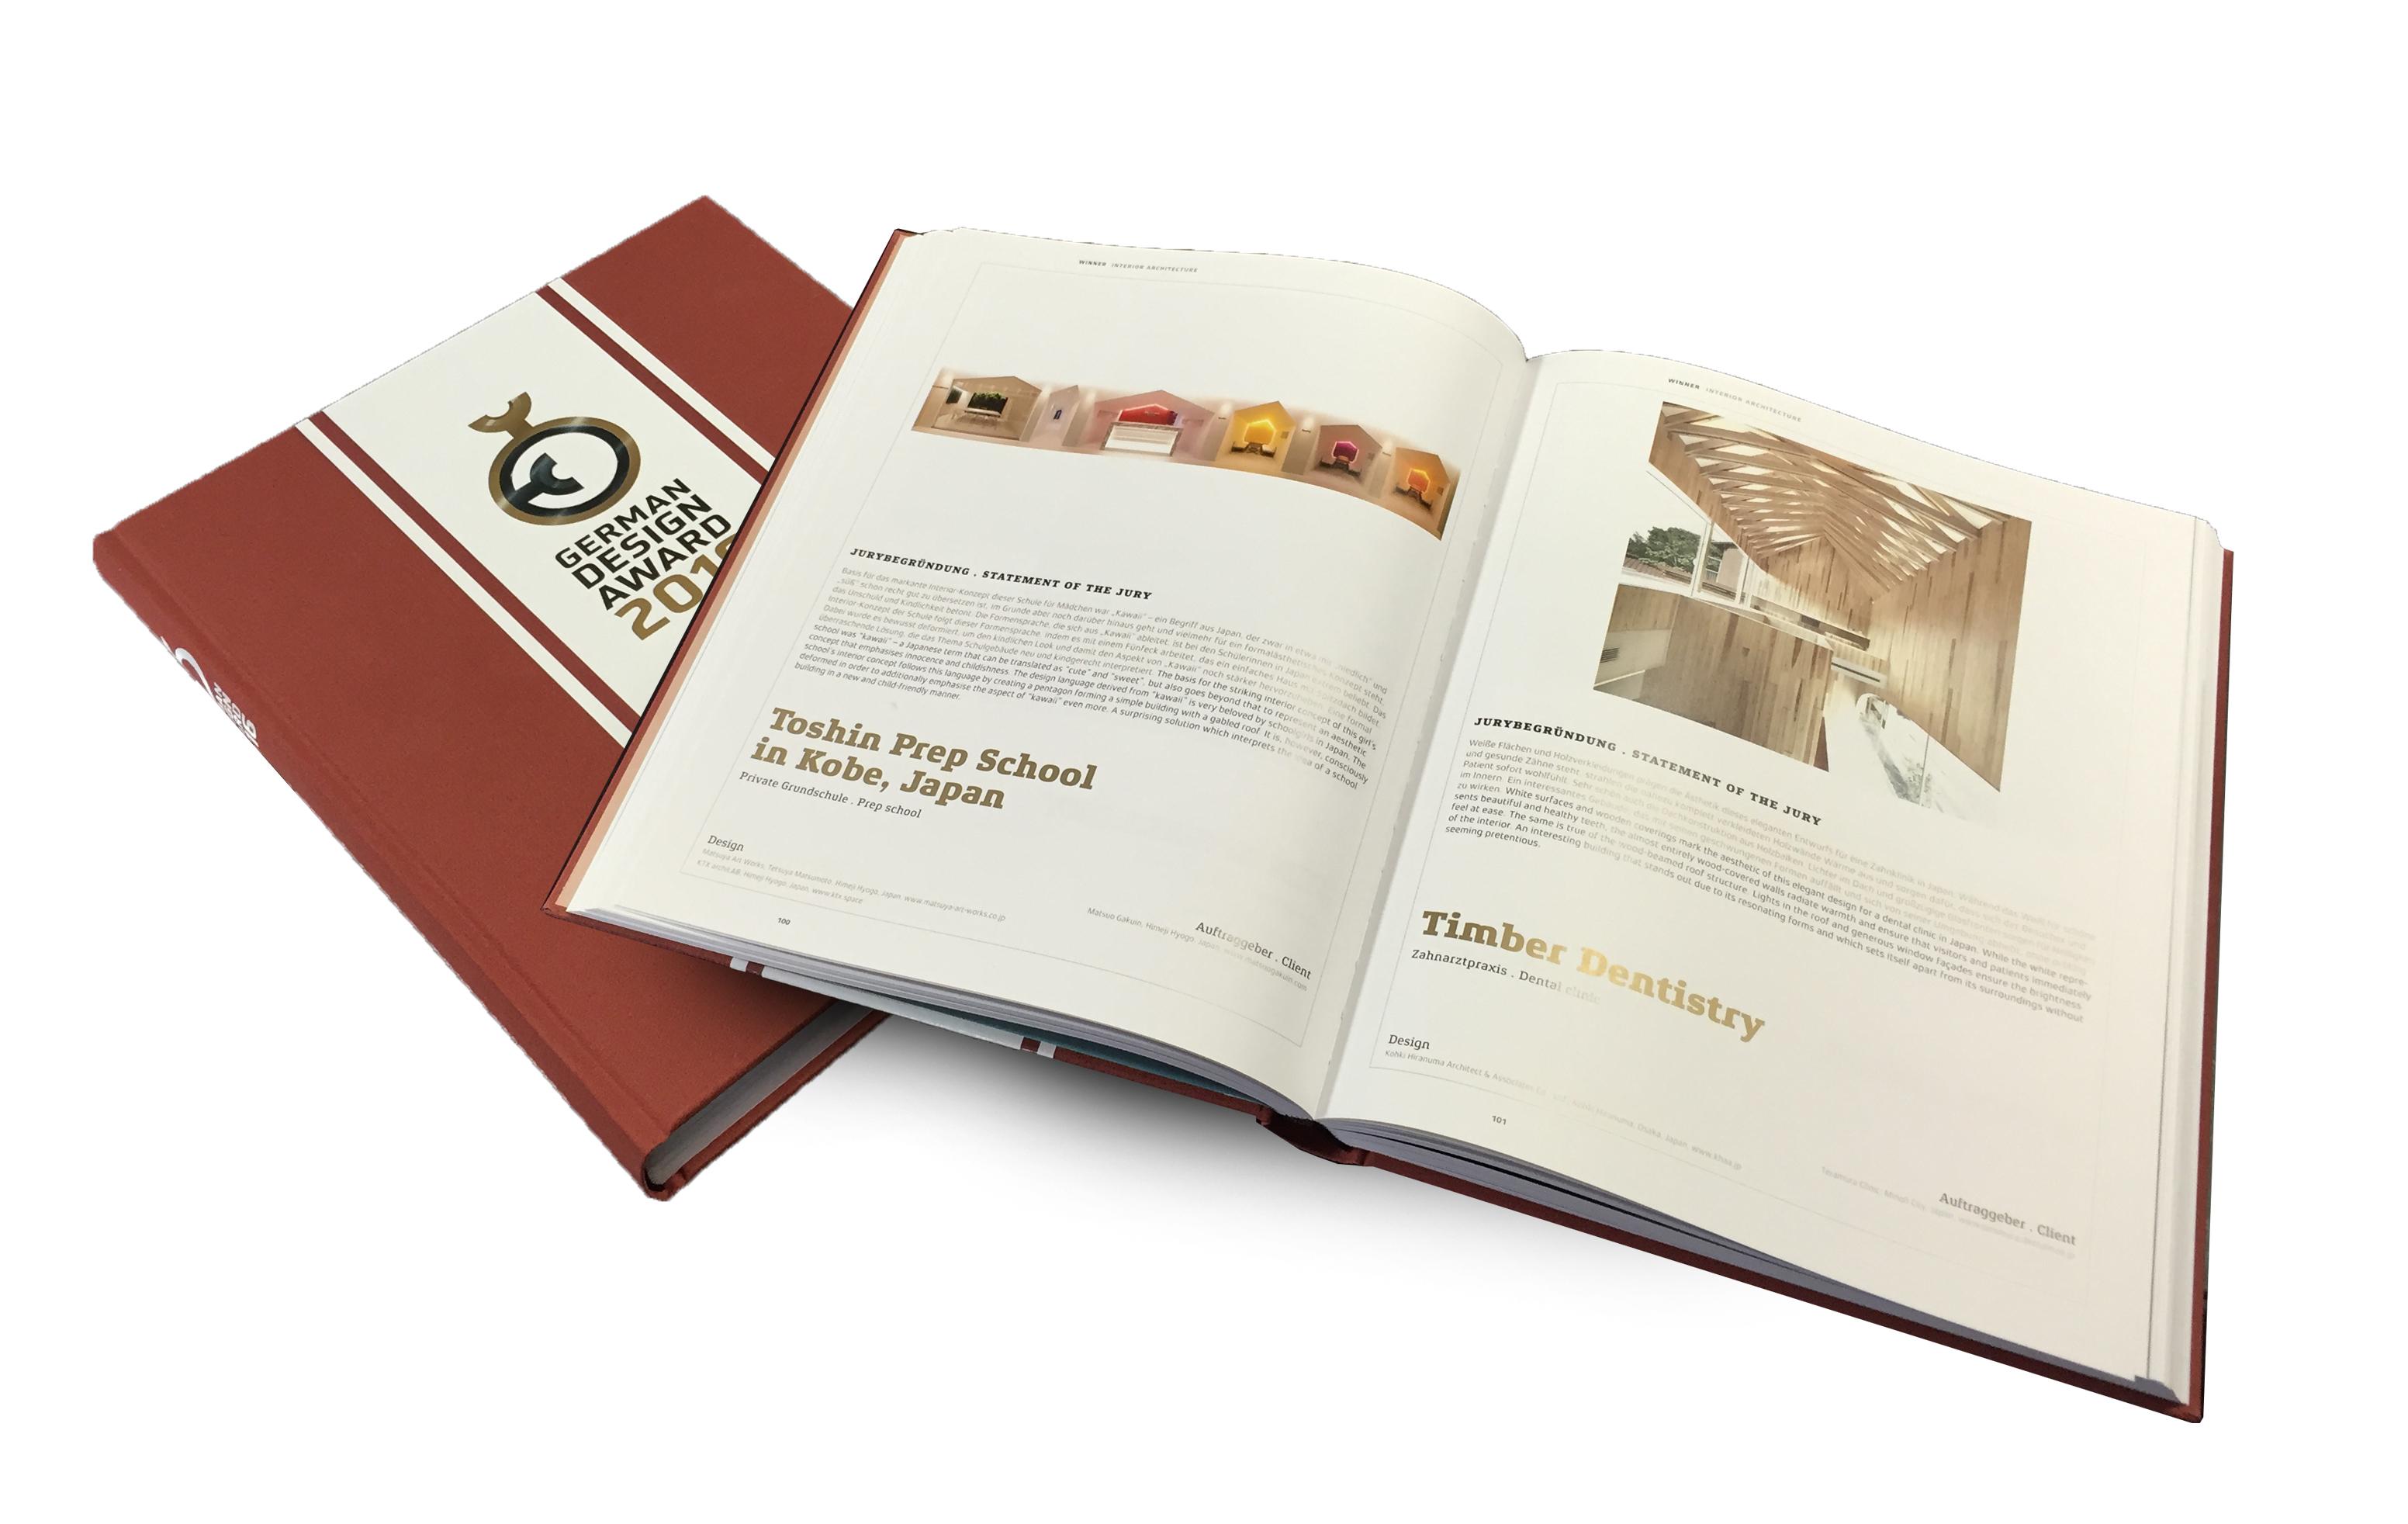 ドイツデザイン年鑑に掲載されました